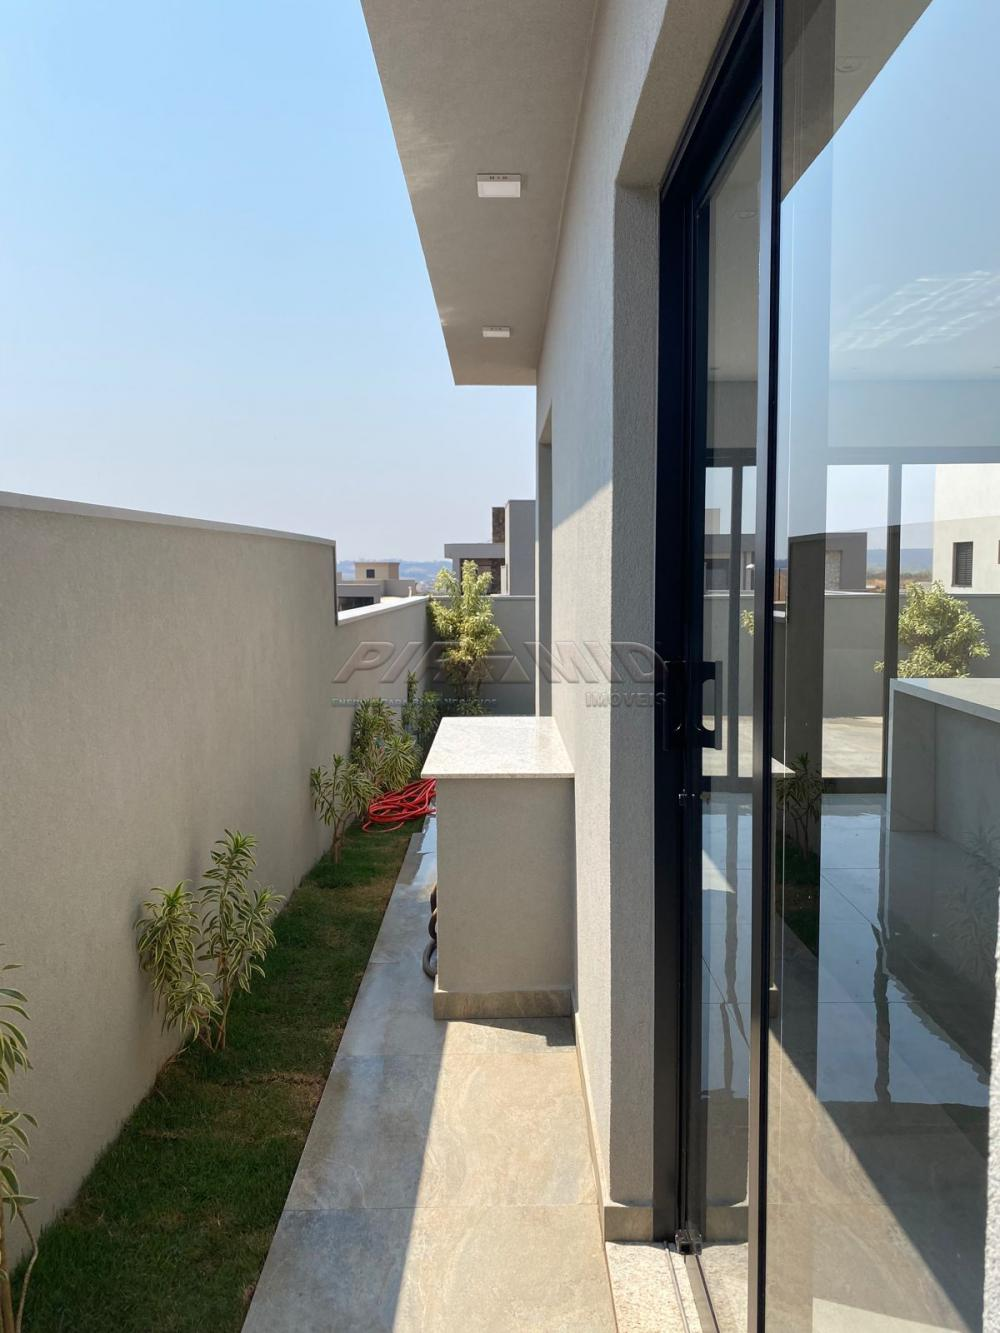 Comprar Casa / Condomínio em Ribeirão Preto R$ 1.350.000,00 - Foto 29